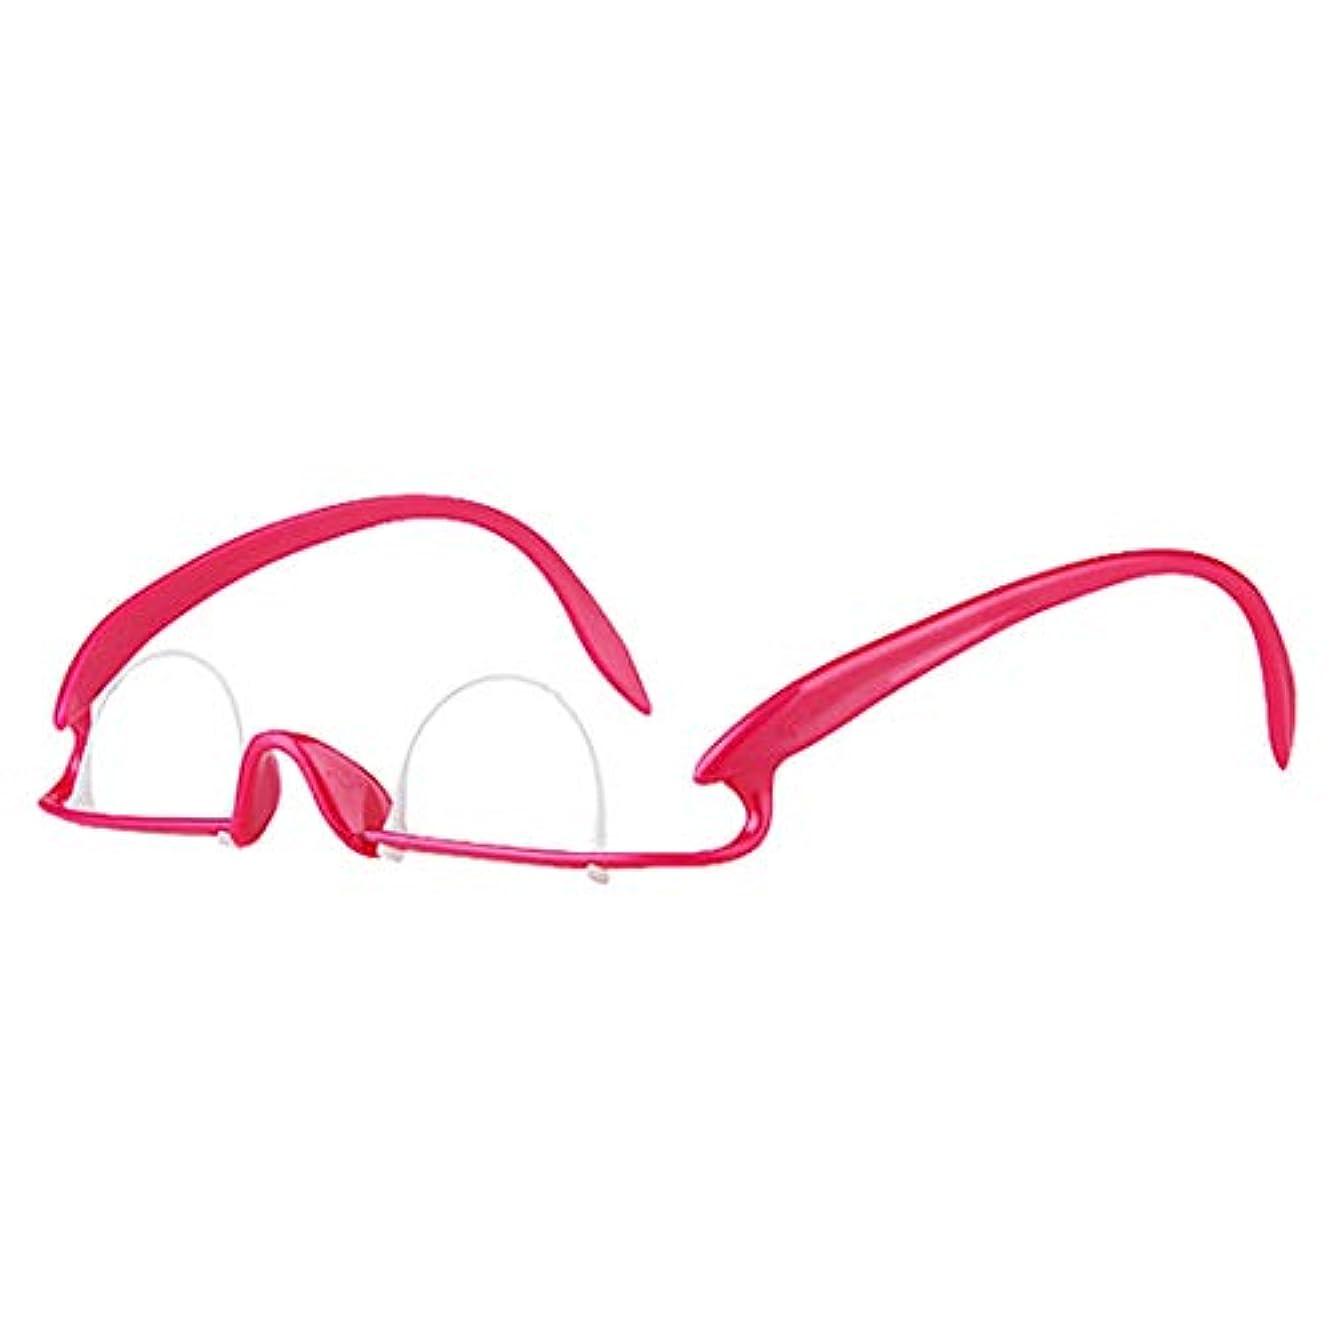 目を覚ます優しい下る億騰 二重まぶた用メガネ 二重まぶた運動 二重まぶた形成 二重まぶた運動器 メガネトレーナー